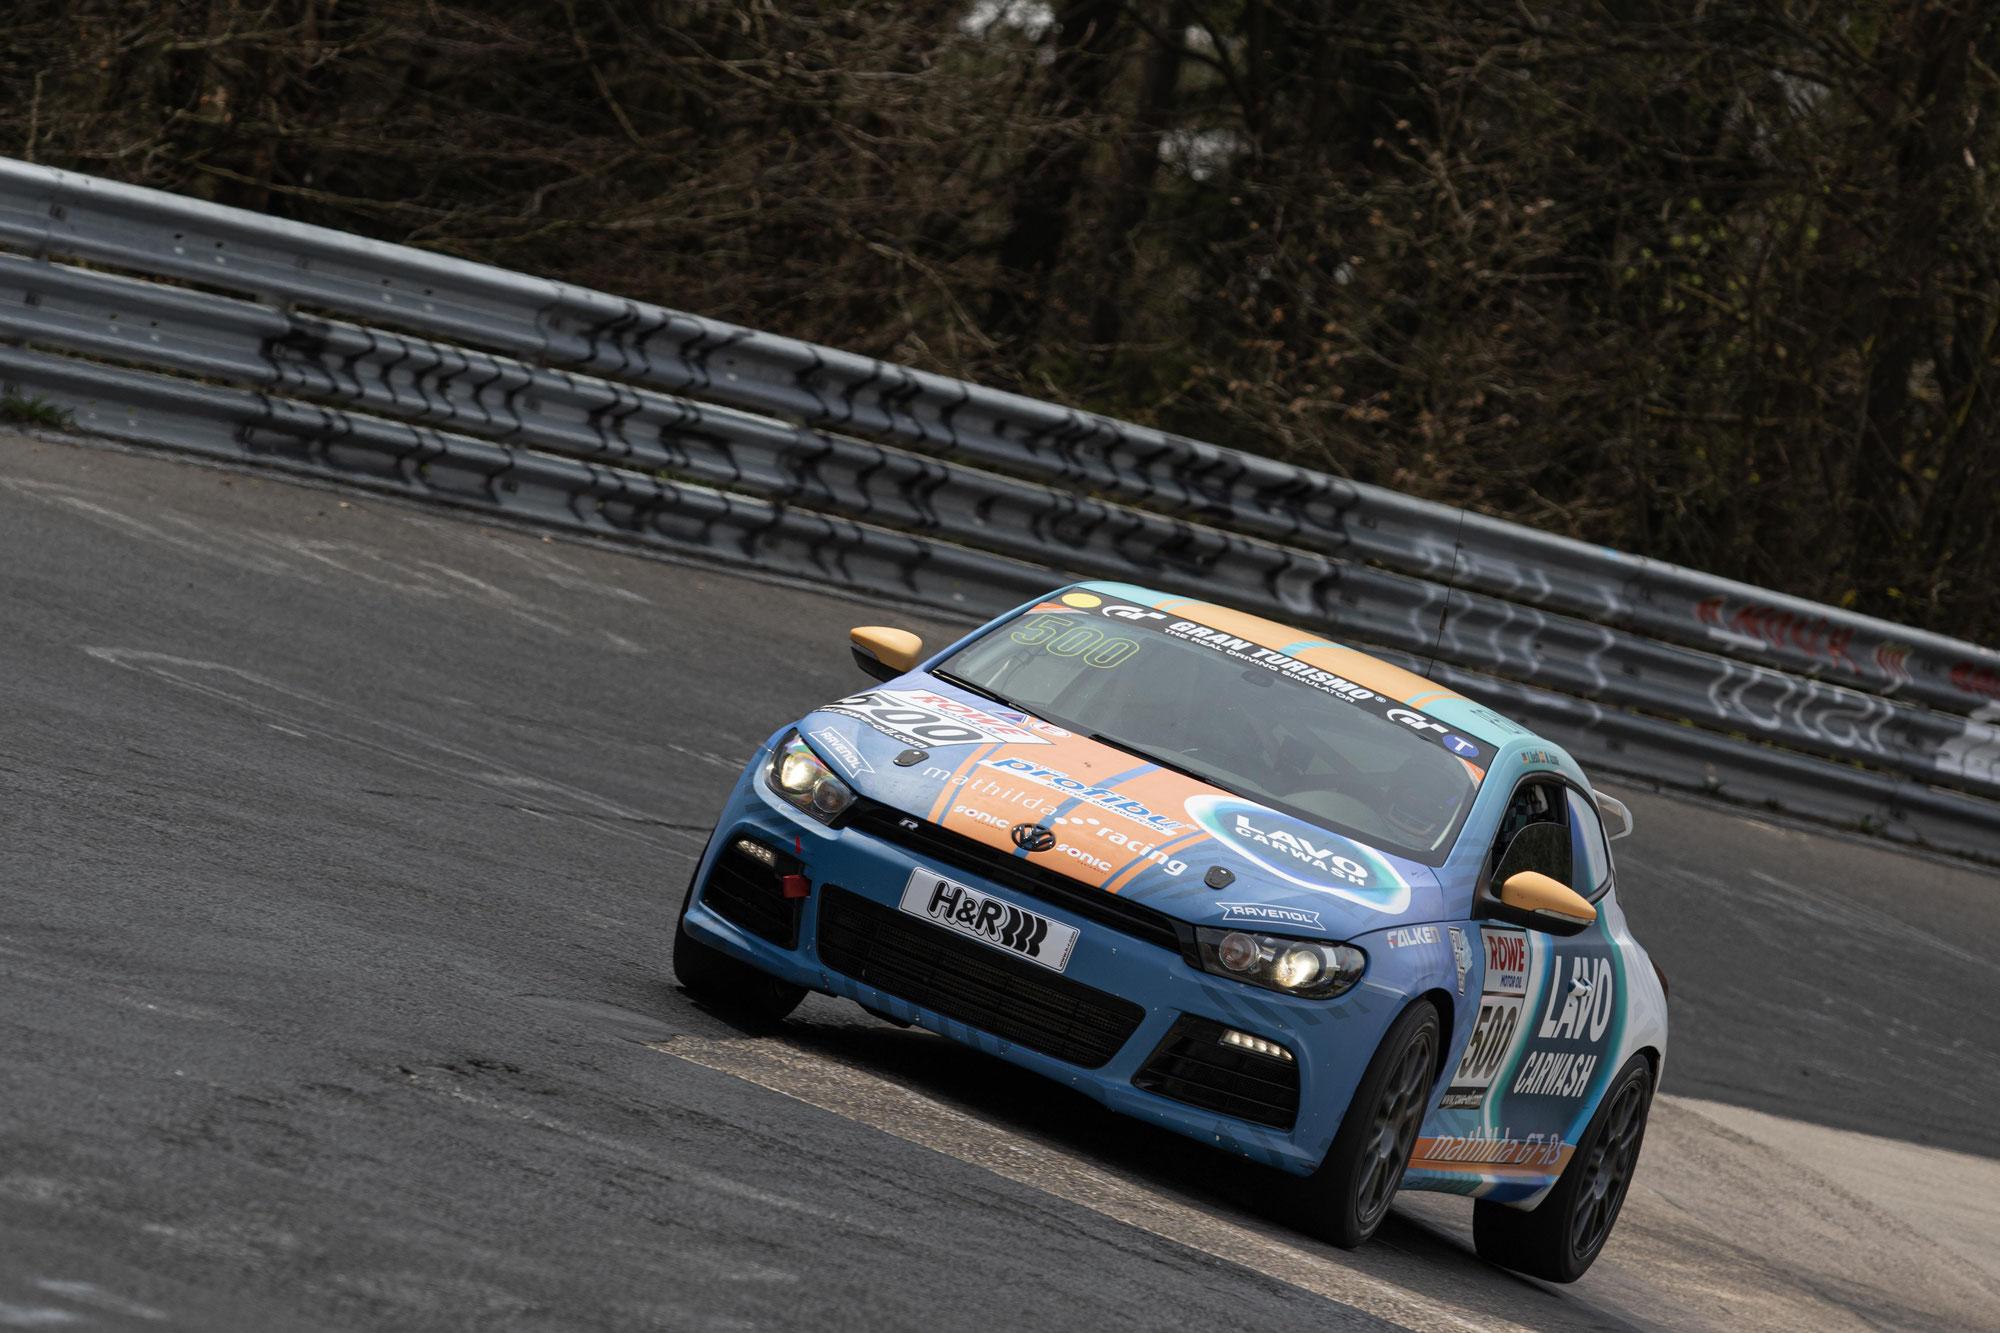 """Ein """"sauberes"""" Rennen mit dem Scirocco: mathilda racing bejubelt gutes Ergebnis in der teilnehmerstarken VT2-Klasse"""